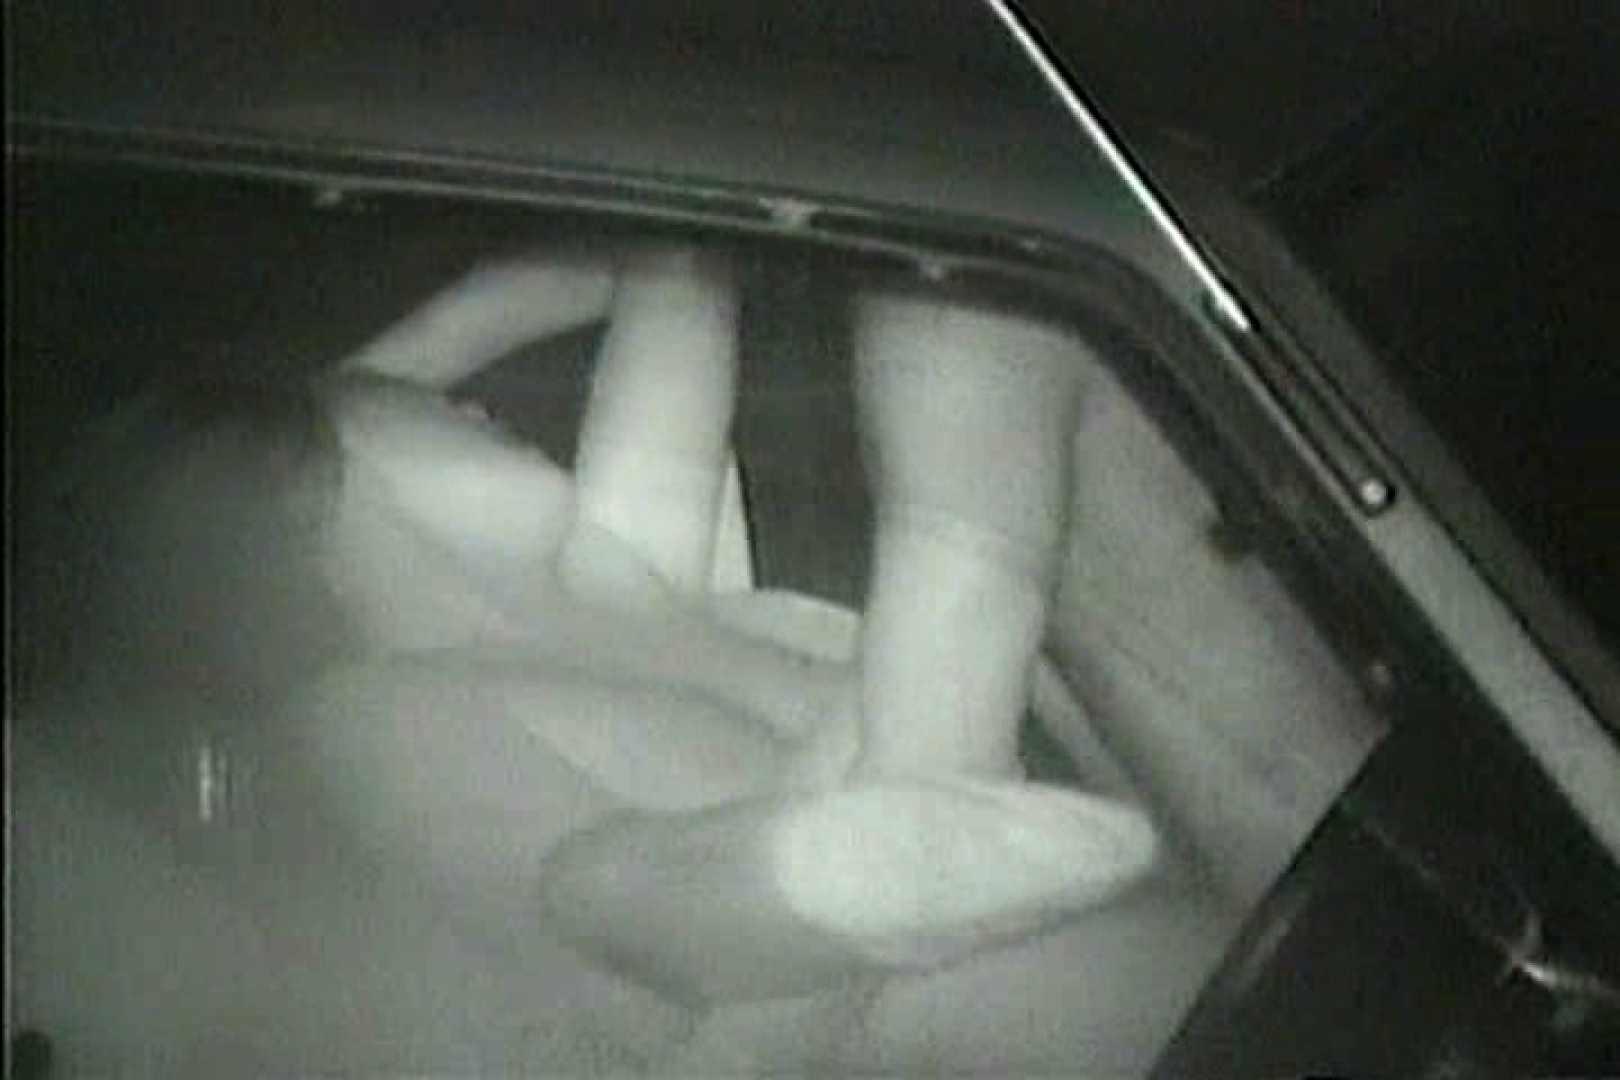 車の中はラブホテル 無修正版  Vol.10 ラブホテル隠し撮り おめこ無修正画像 87pic 46